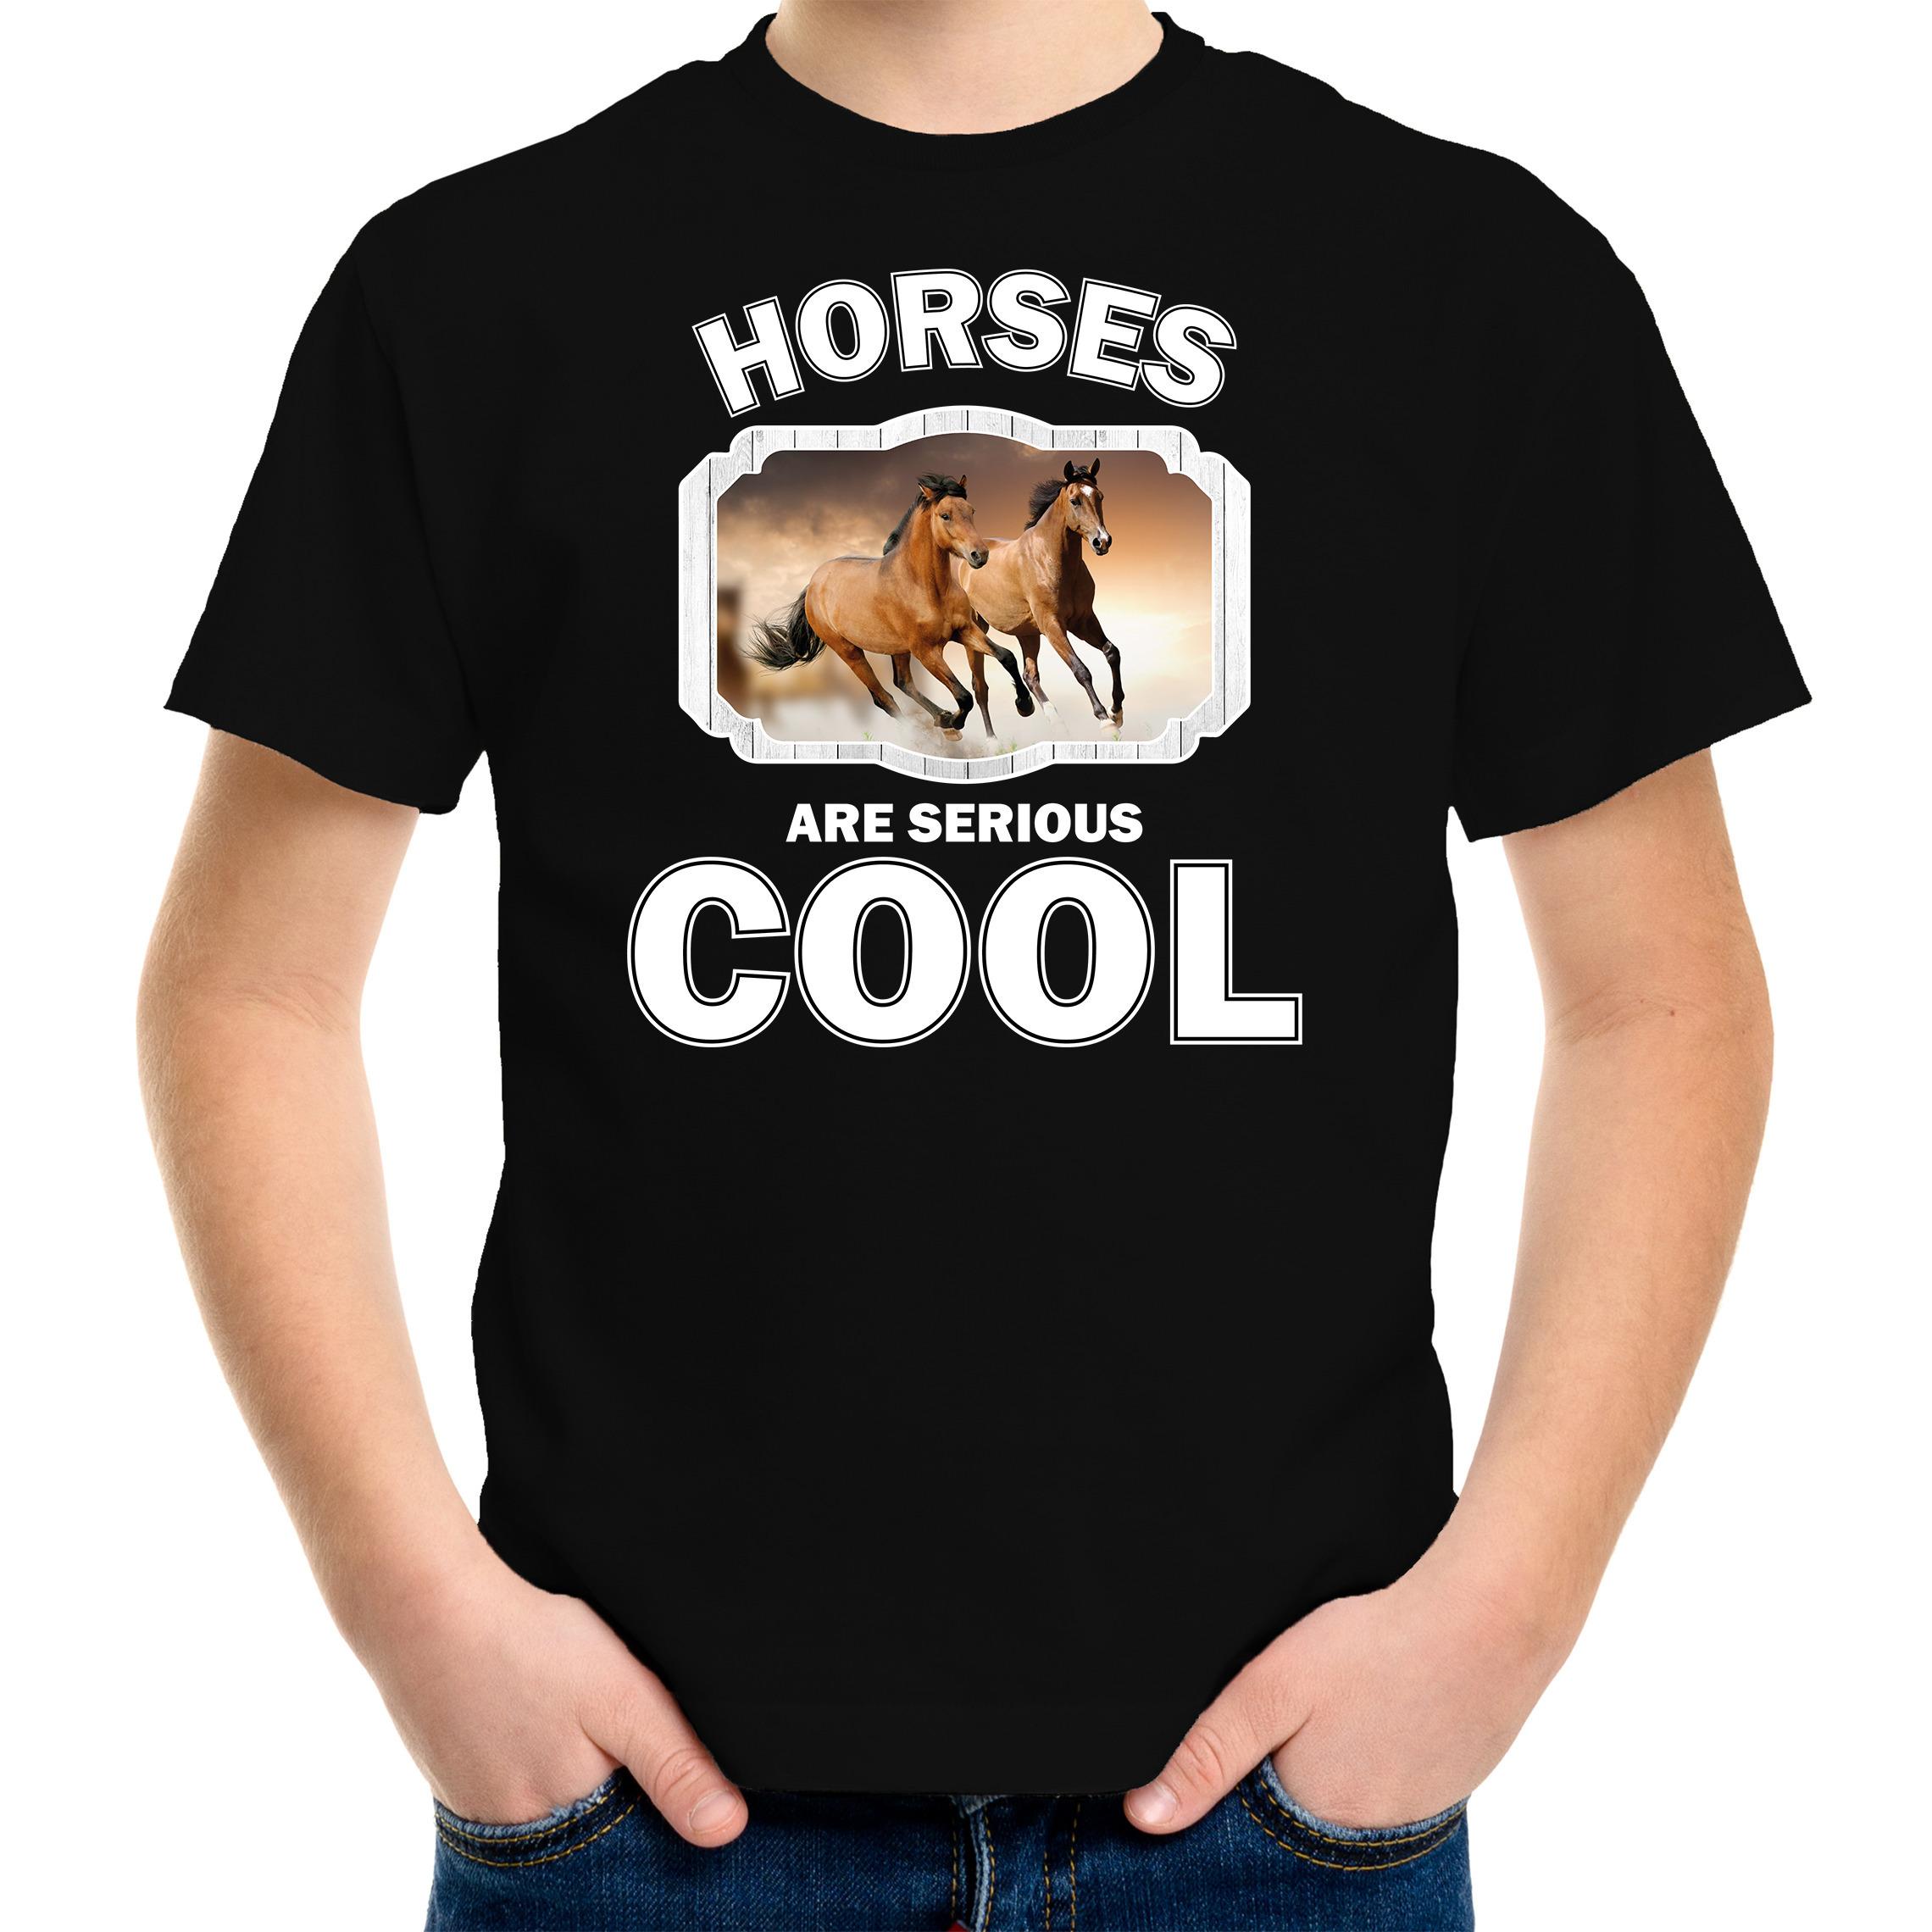 T-shirt horses are serious cool zwart kinderen - paarden/ bruin paard shirt